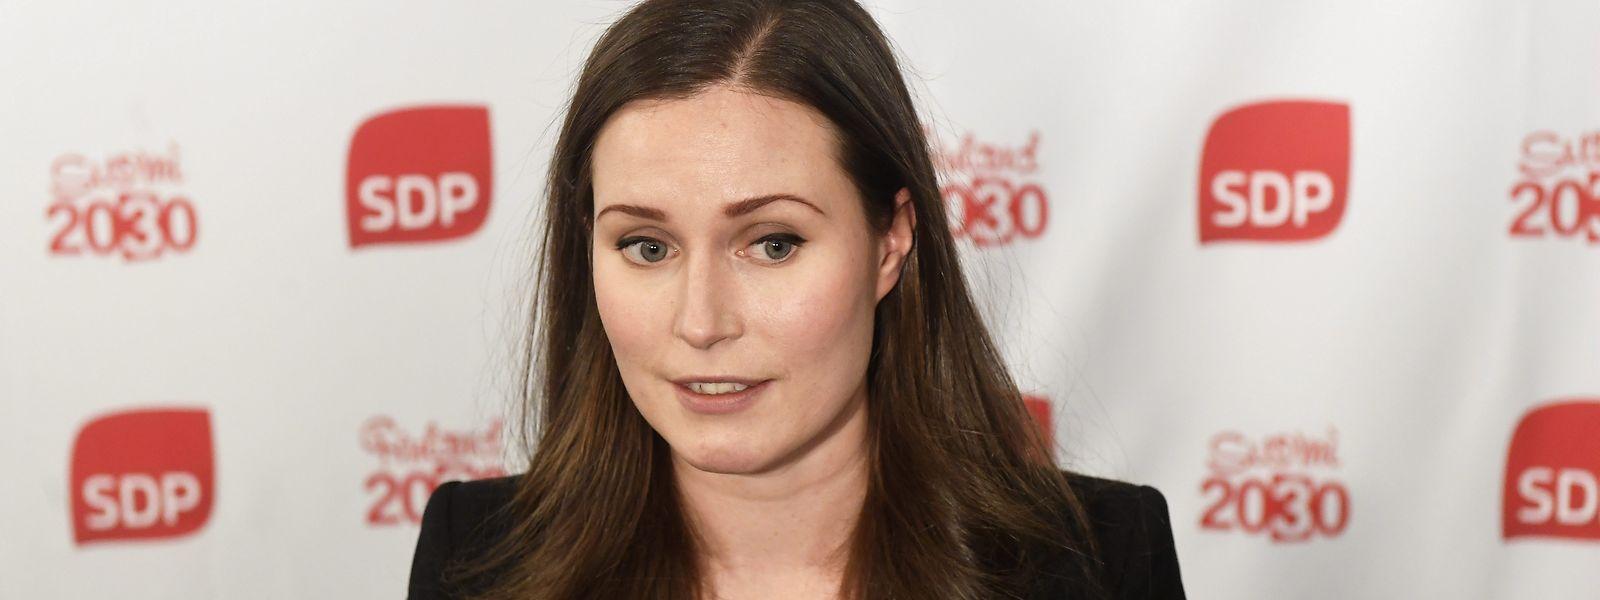 Sanna Marin war die bisherige stellvertretende Parteivorsitzende der Sozialdemokratischen Partei Finnlands.